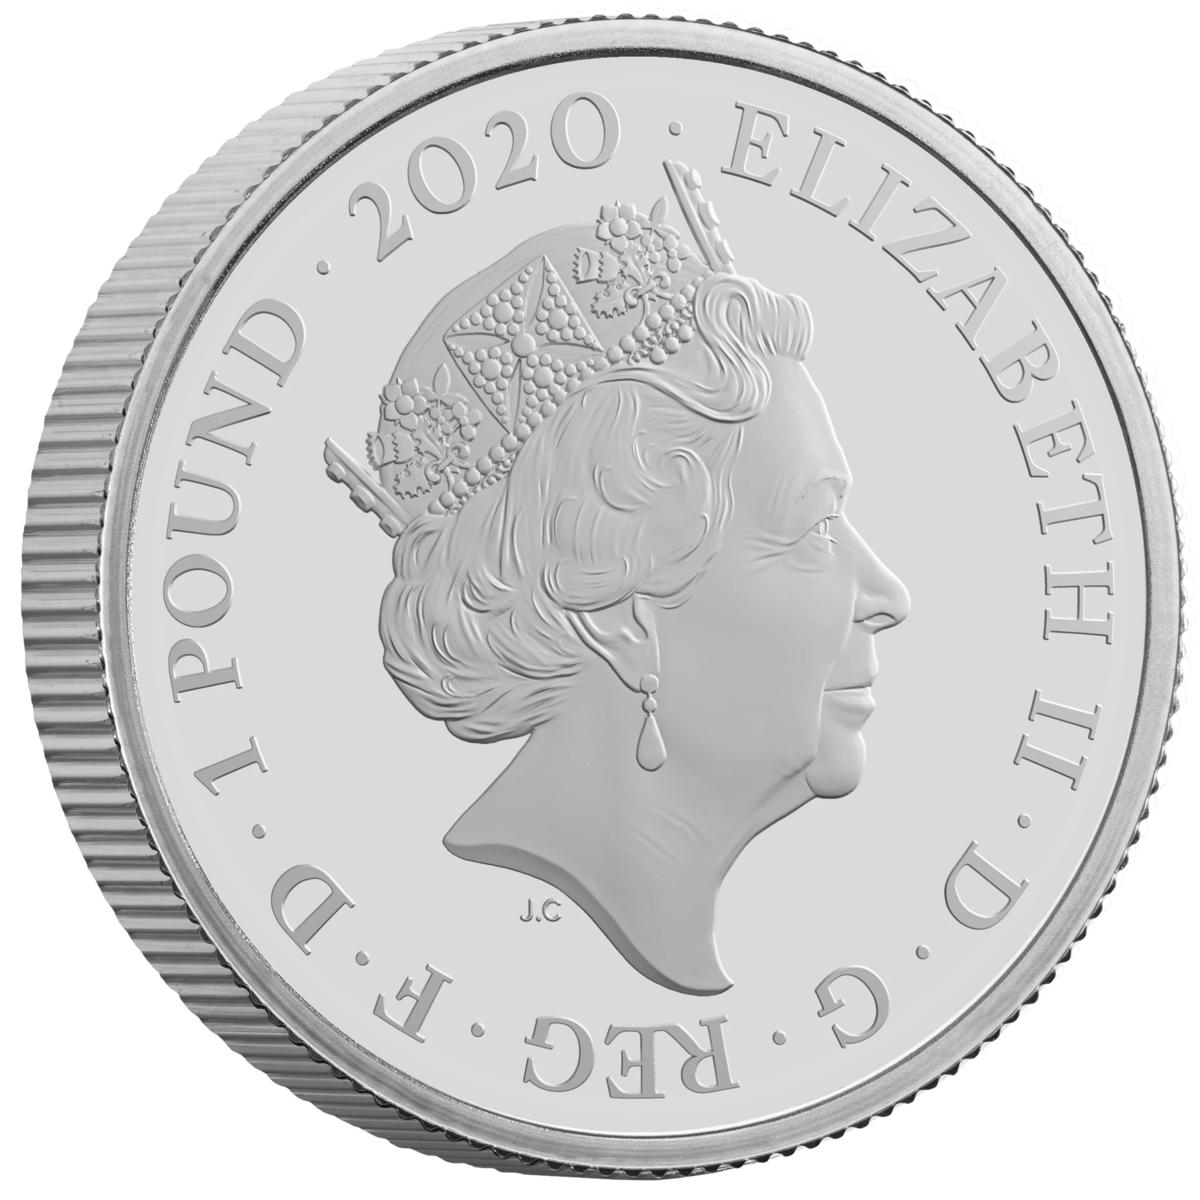 monedă simbolică site- ul oficial unde puteți face bani